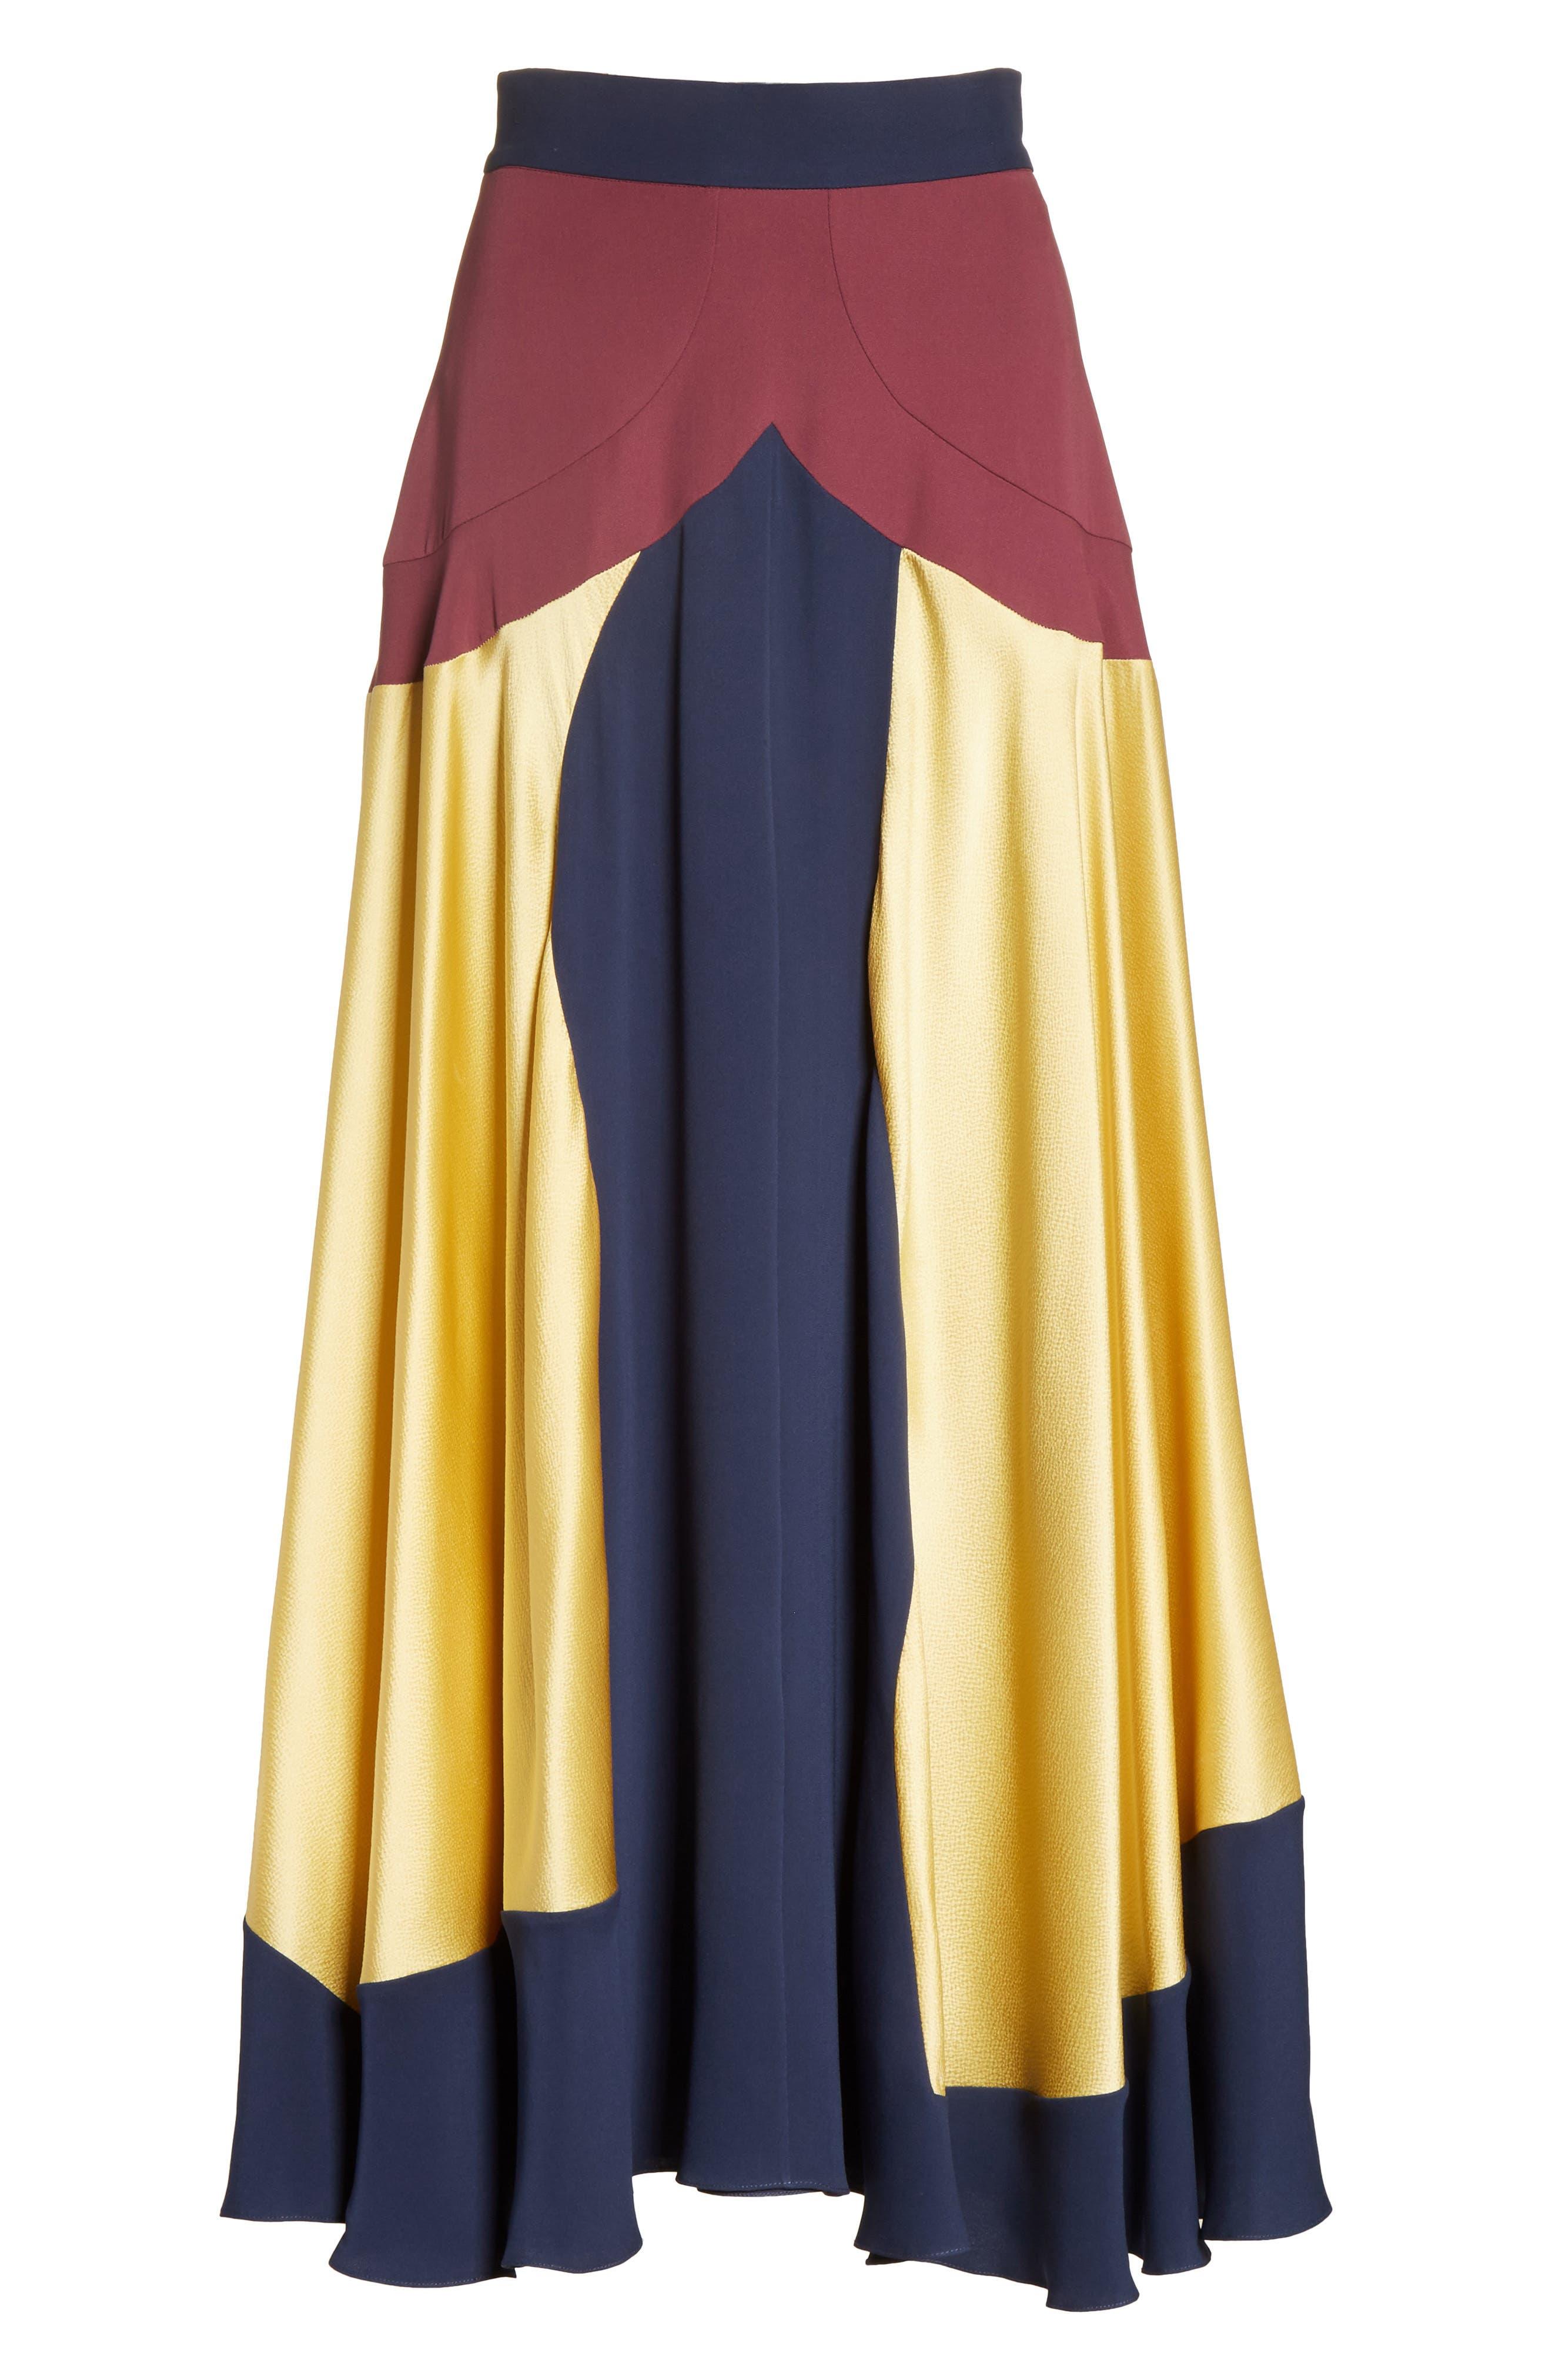 Rania Skirt,                             Alternate thumbnail 6, color,                             Sorbet/ Plum/ Navy